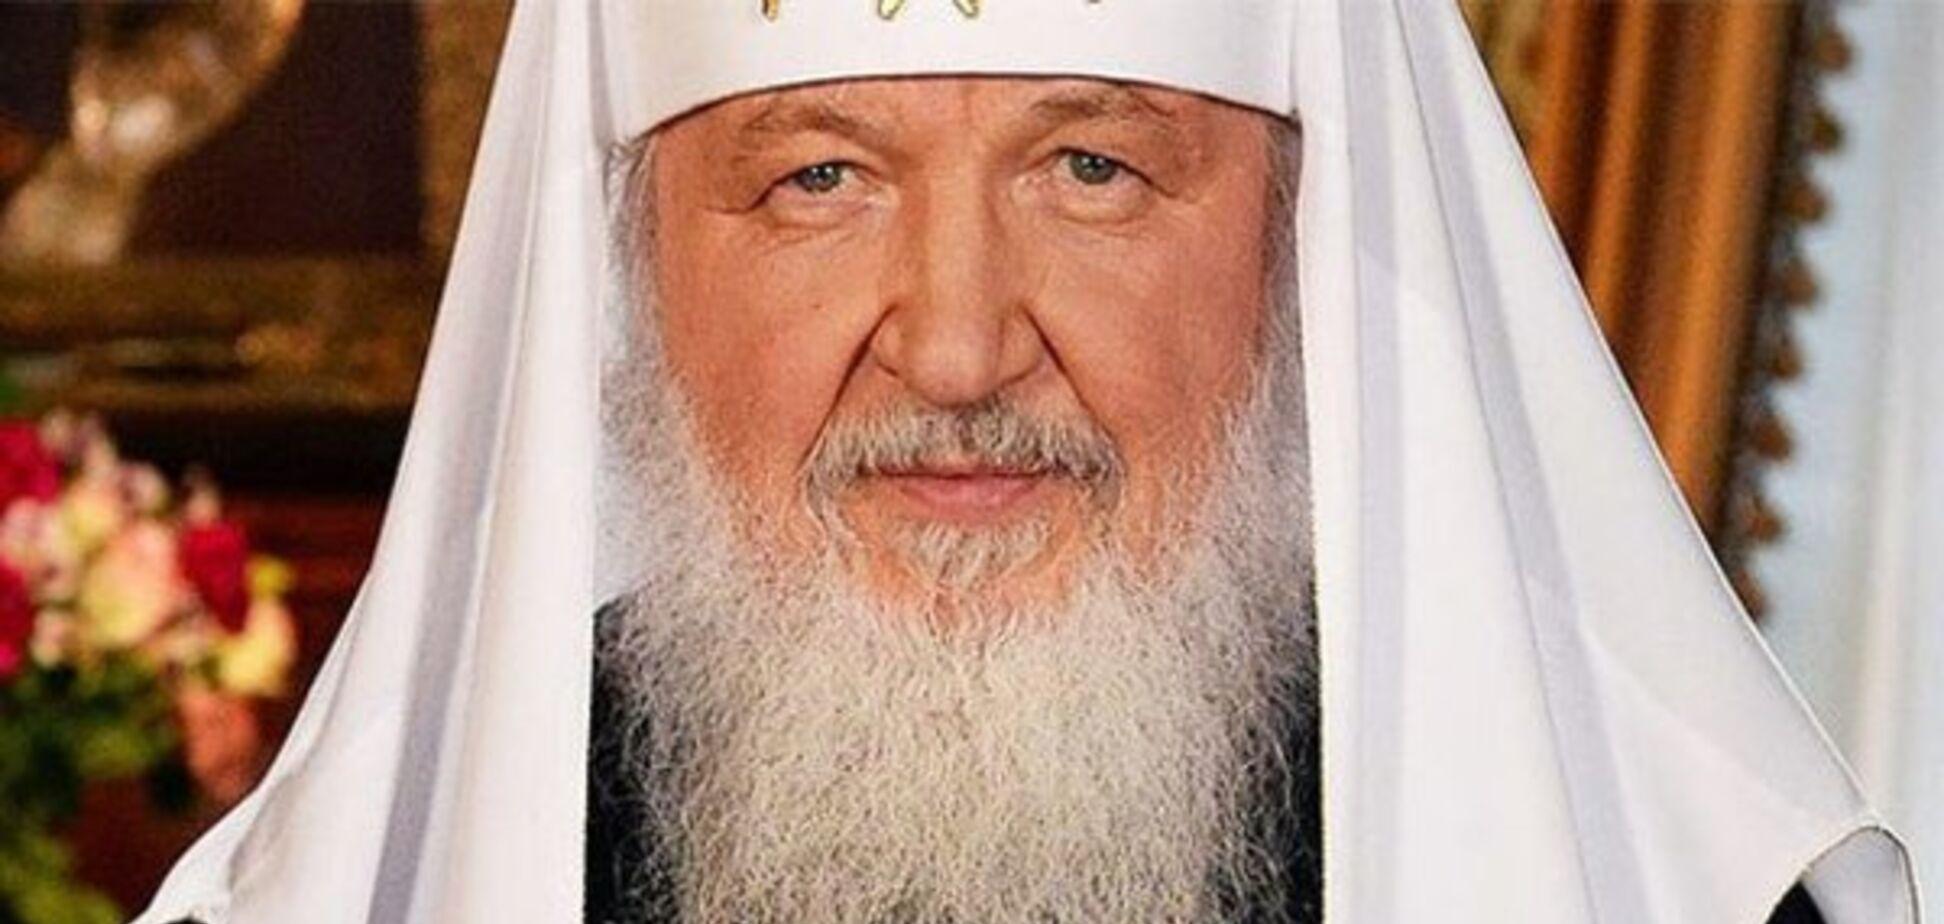 ''Кремлівську зірку за хрест видають'': в Україні висміяли гучну заяву патріарха Кирила